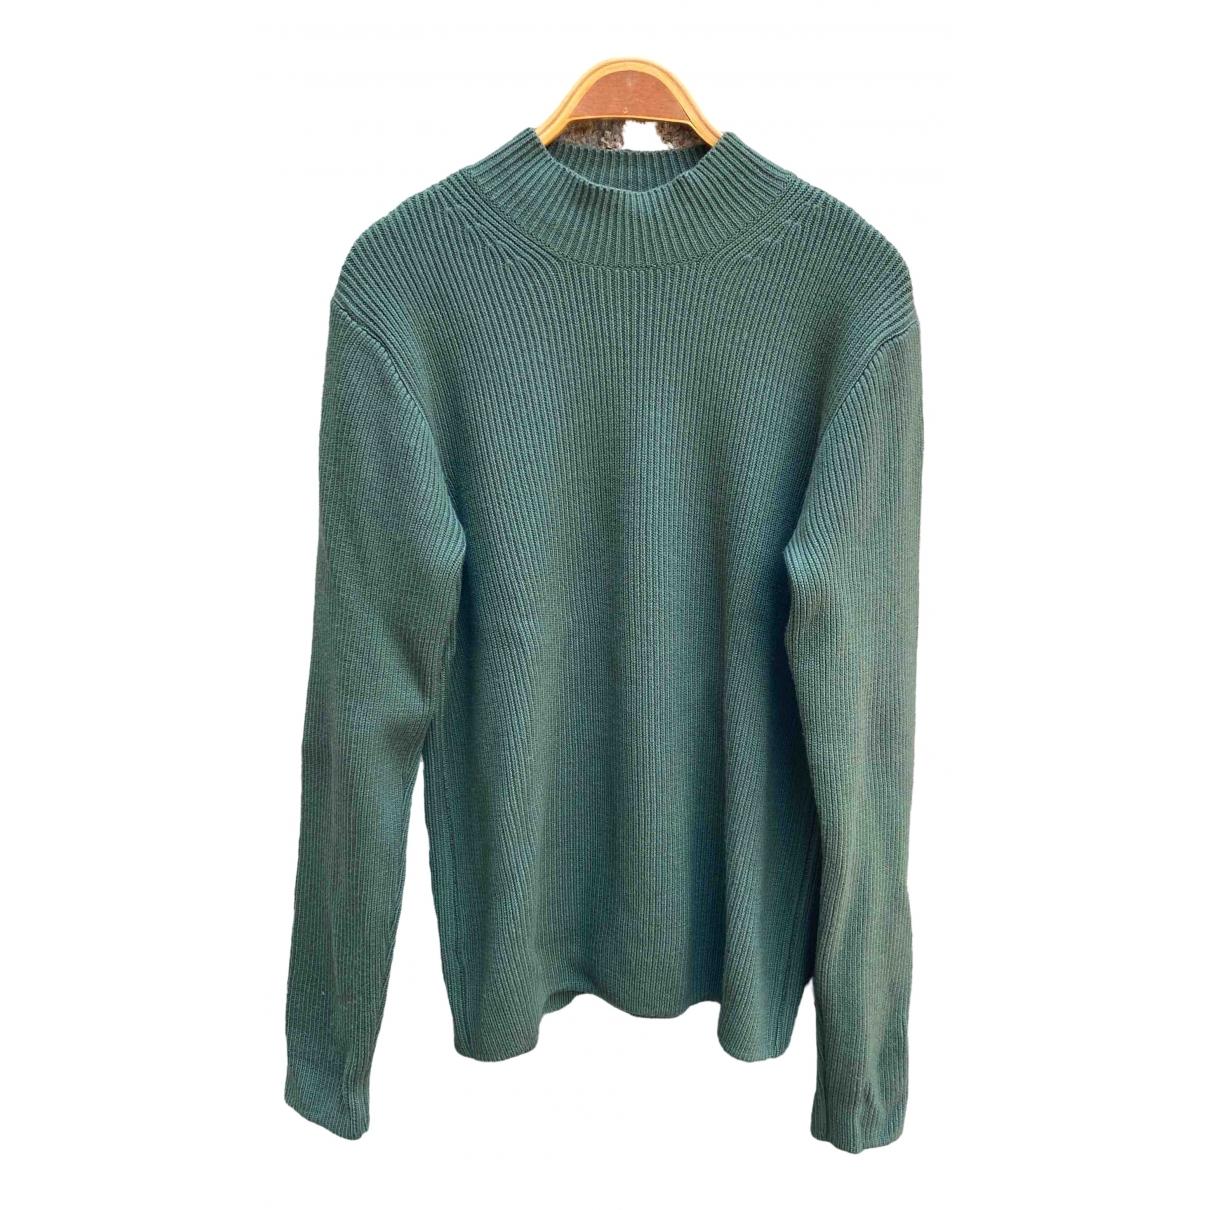 Arfango - Pulls.Gilets.Sweats   pour homme en laine - vert